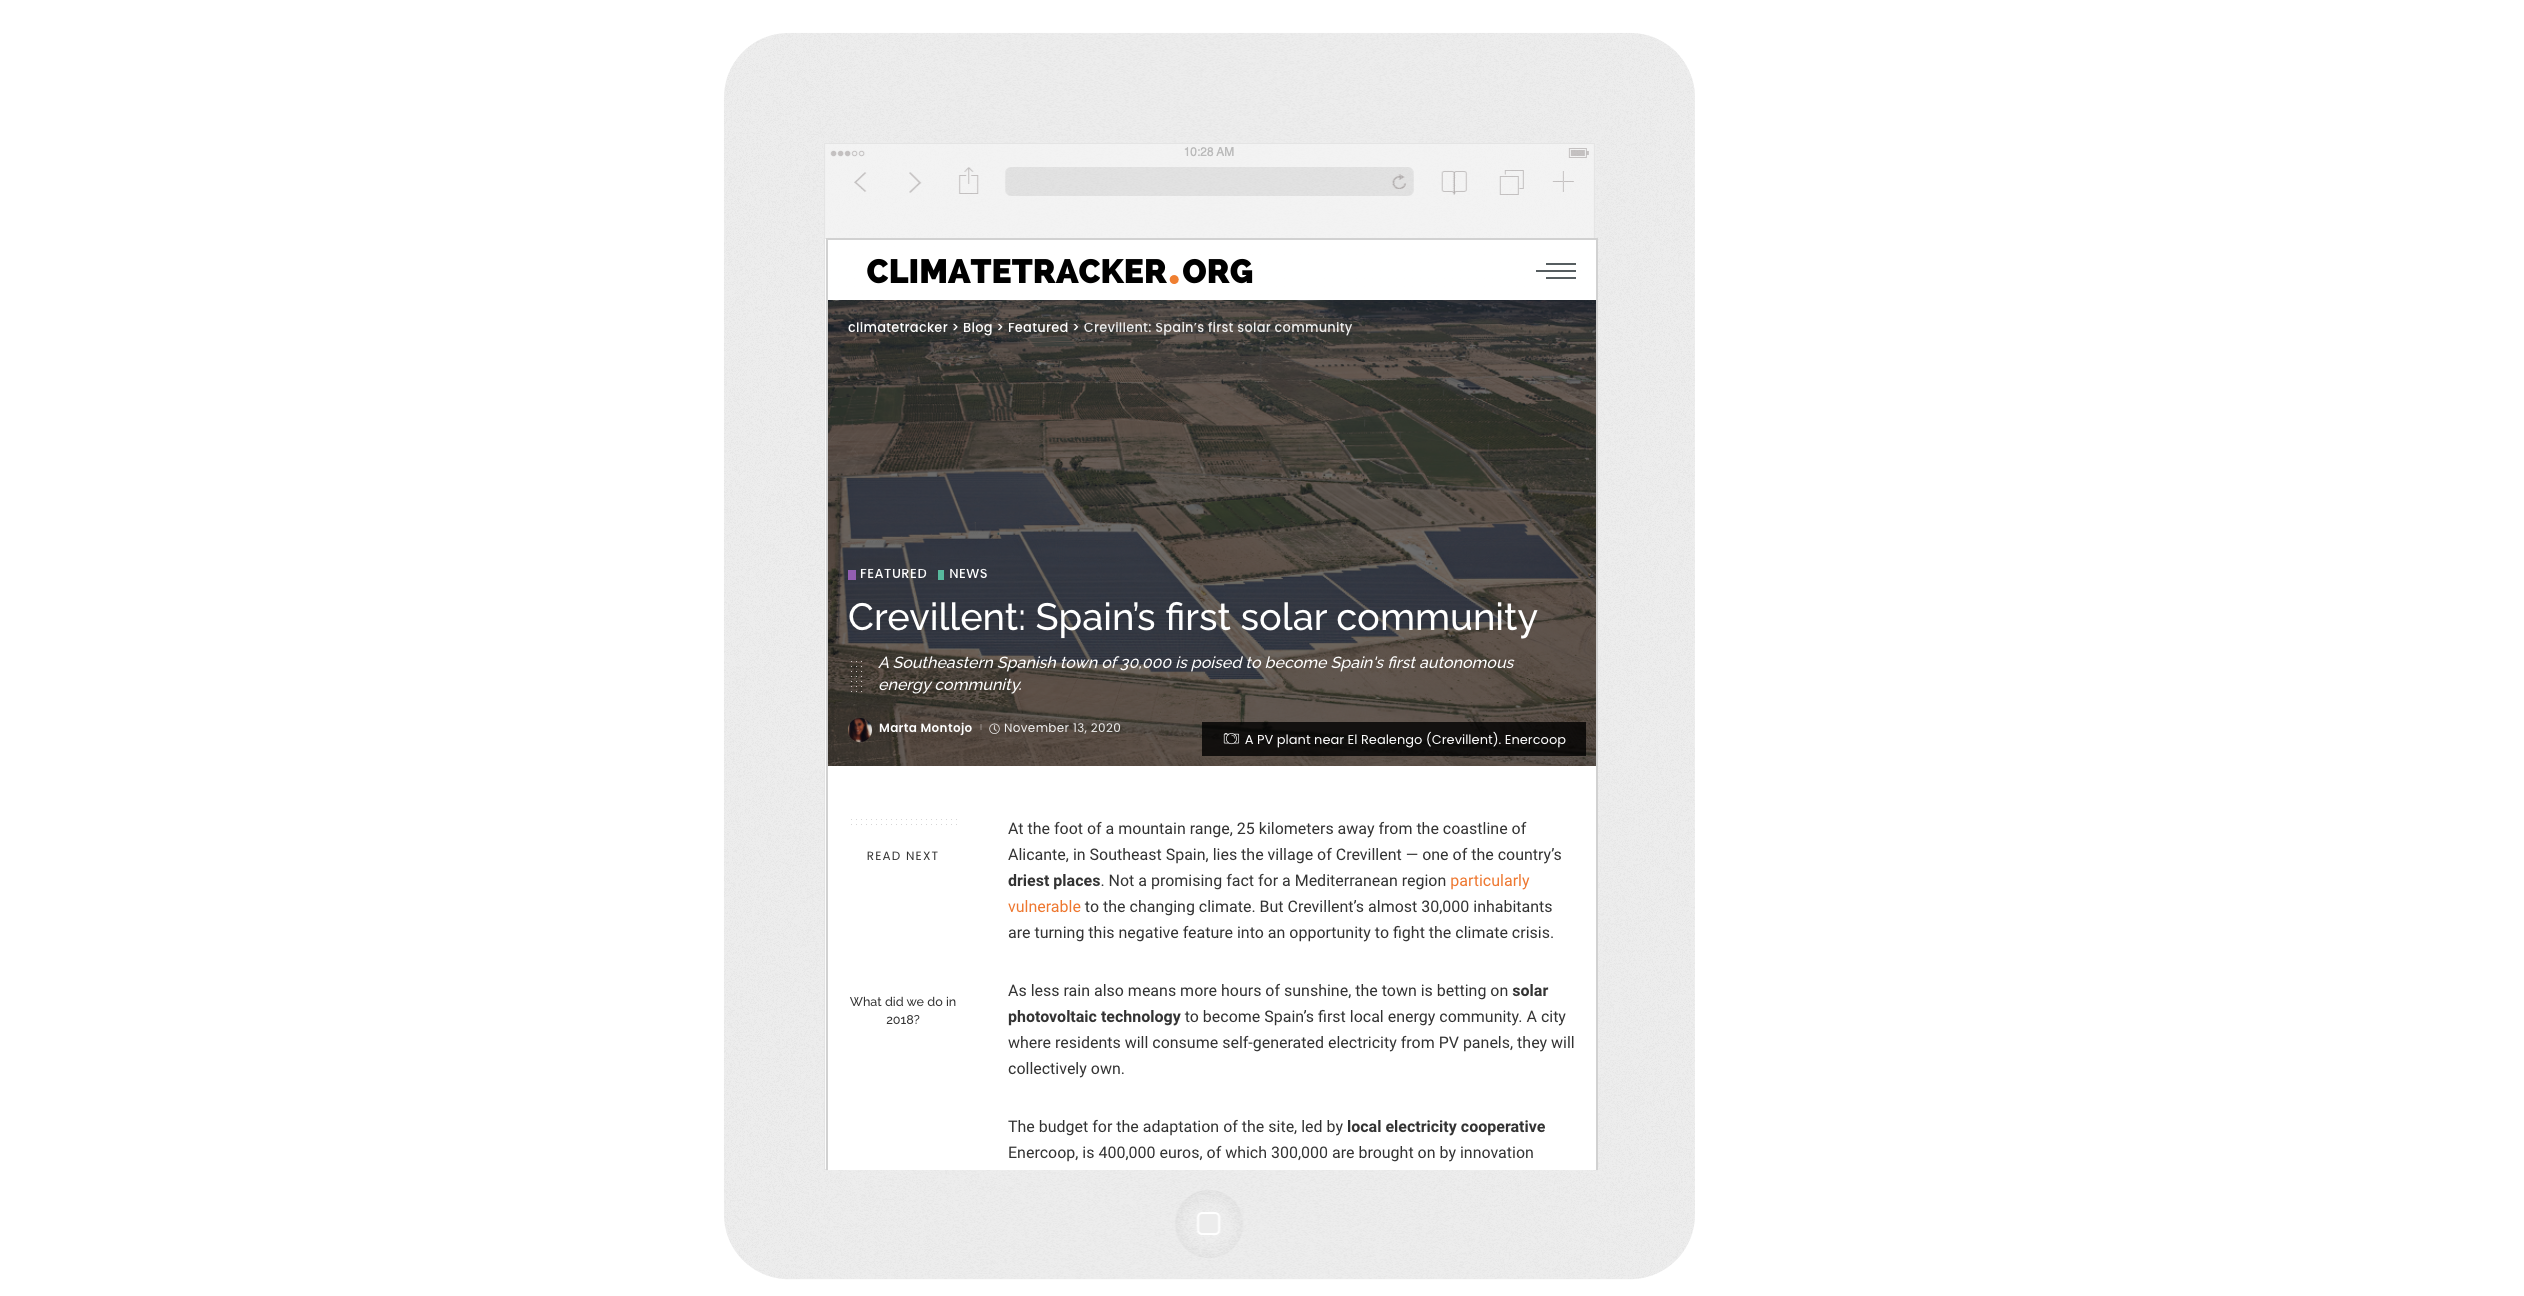 Climate Tracker publica un reportaje sobre la Comunidad Energética COMPTEM